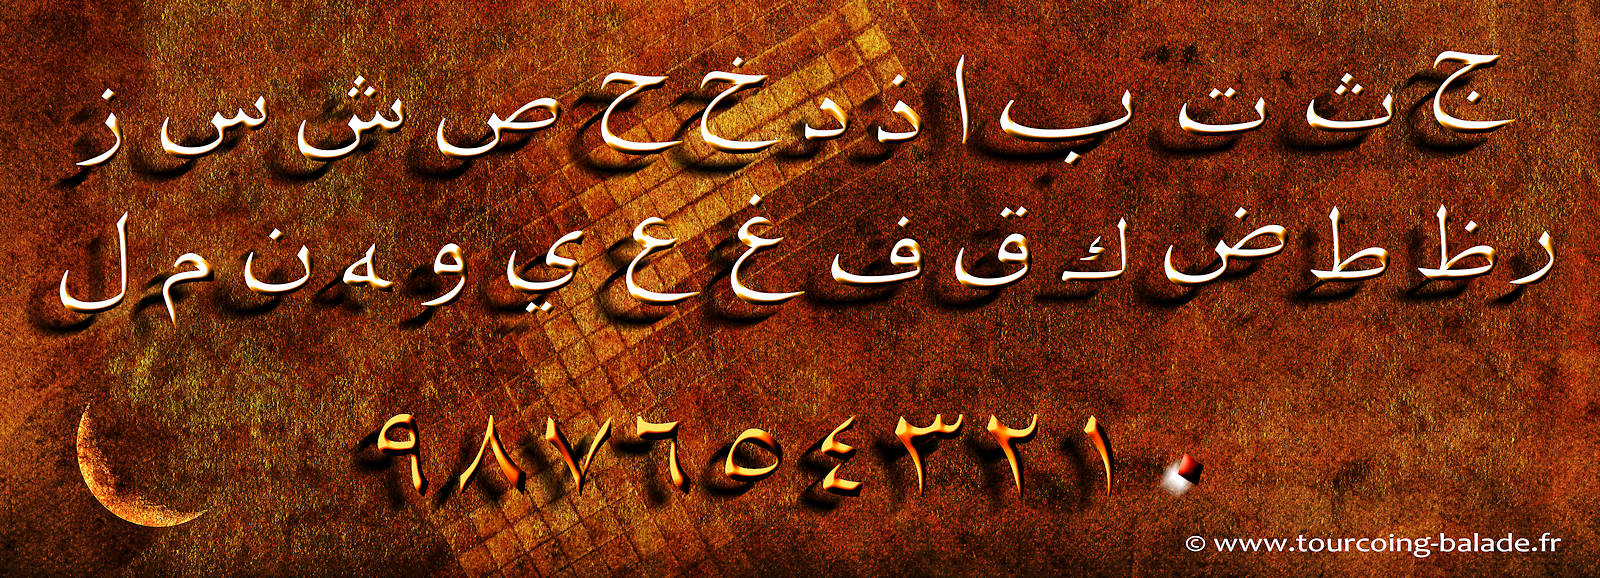 Cours d'arabe débutant - IMA Tourcoing.